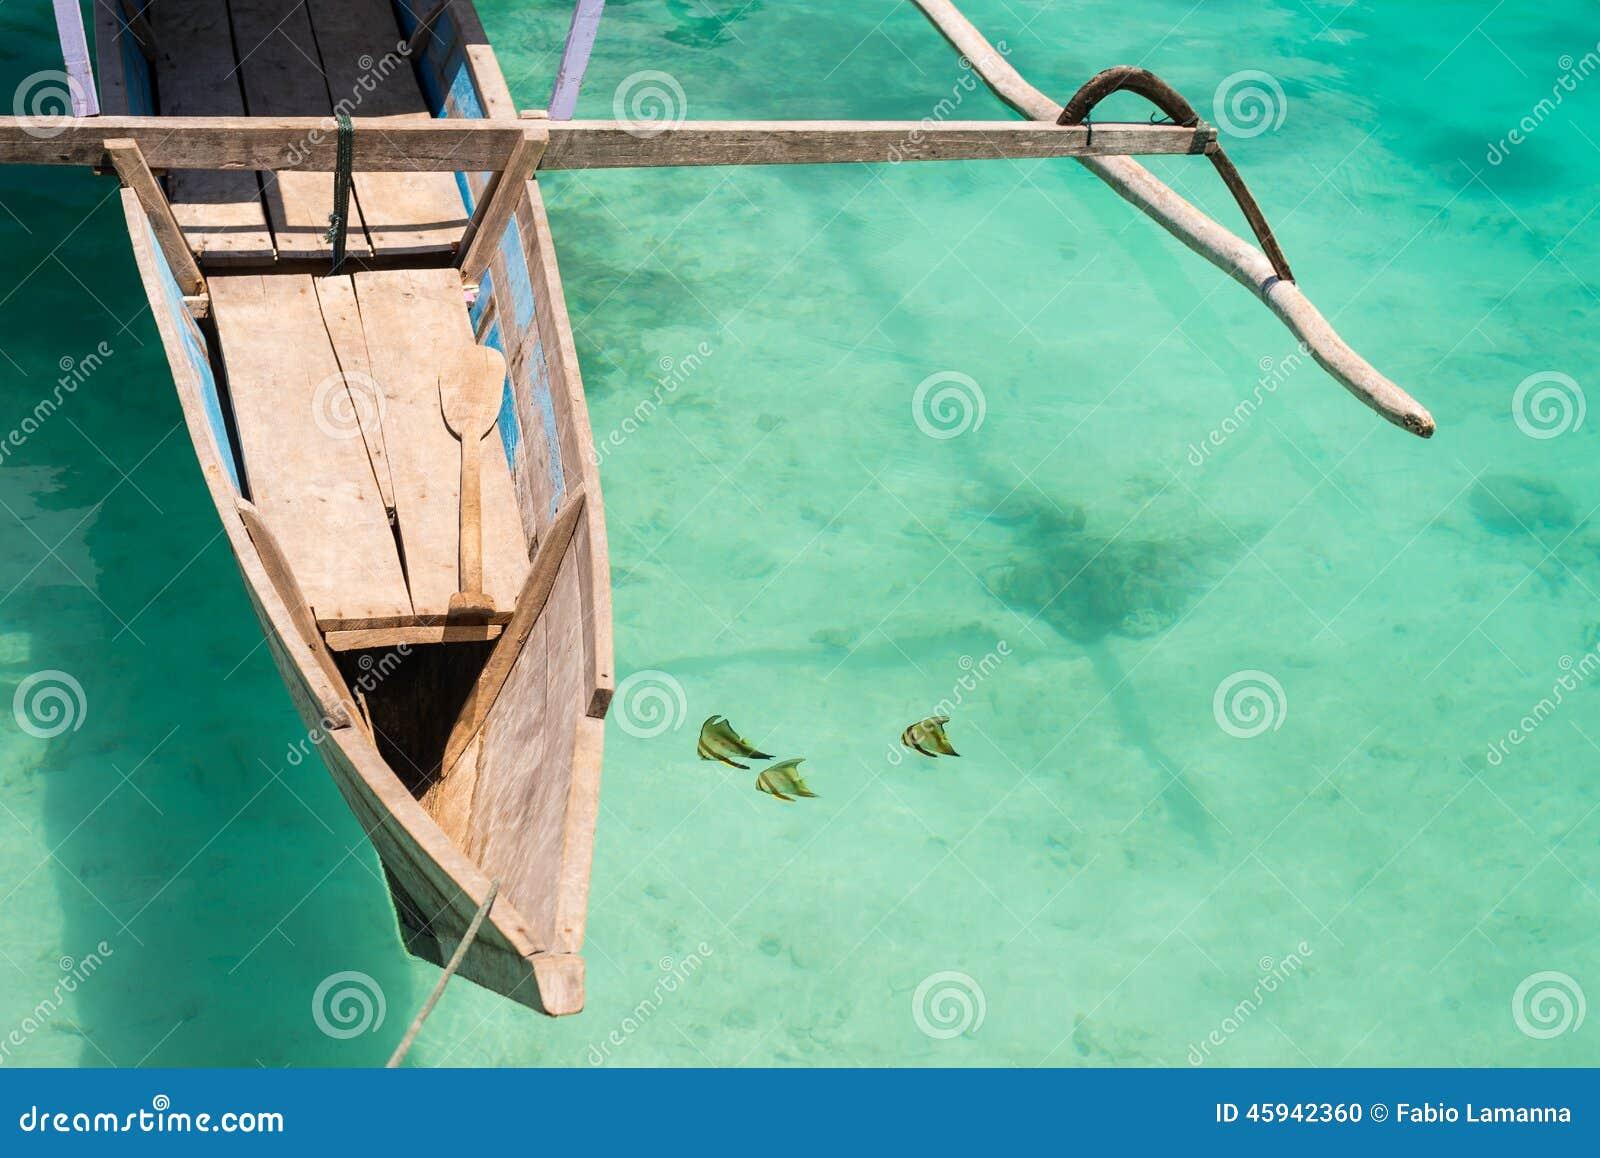 Ψάρια πεταλούδων κοντά στην παραδοσιακή βάρκα